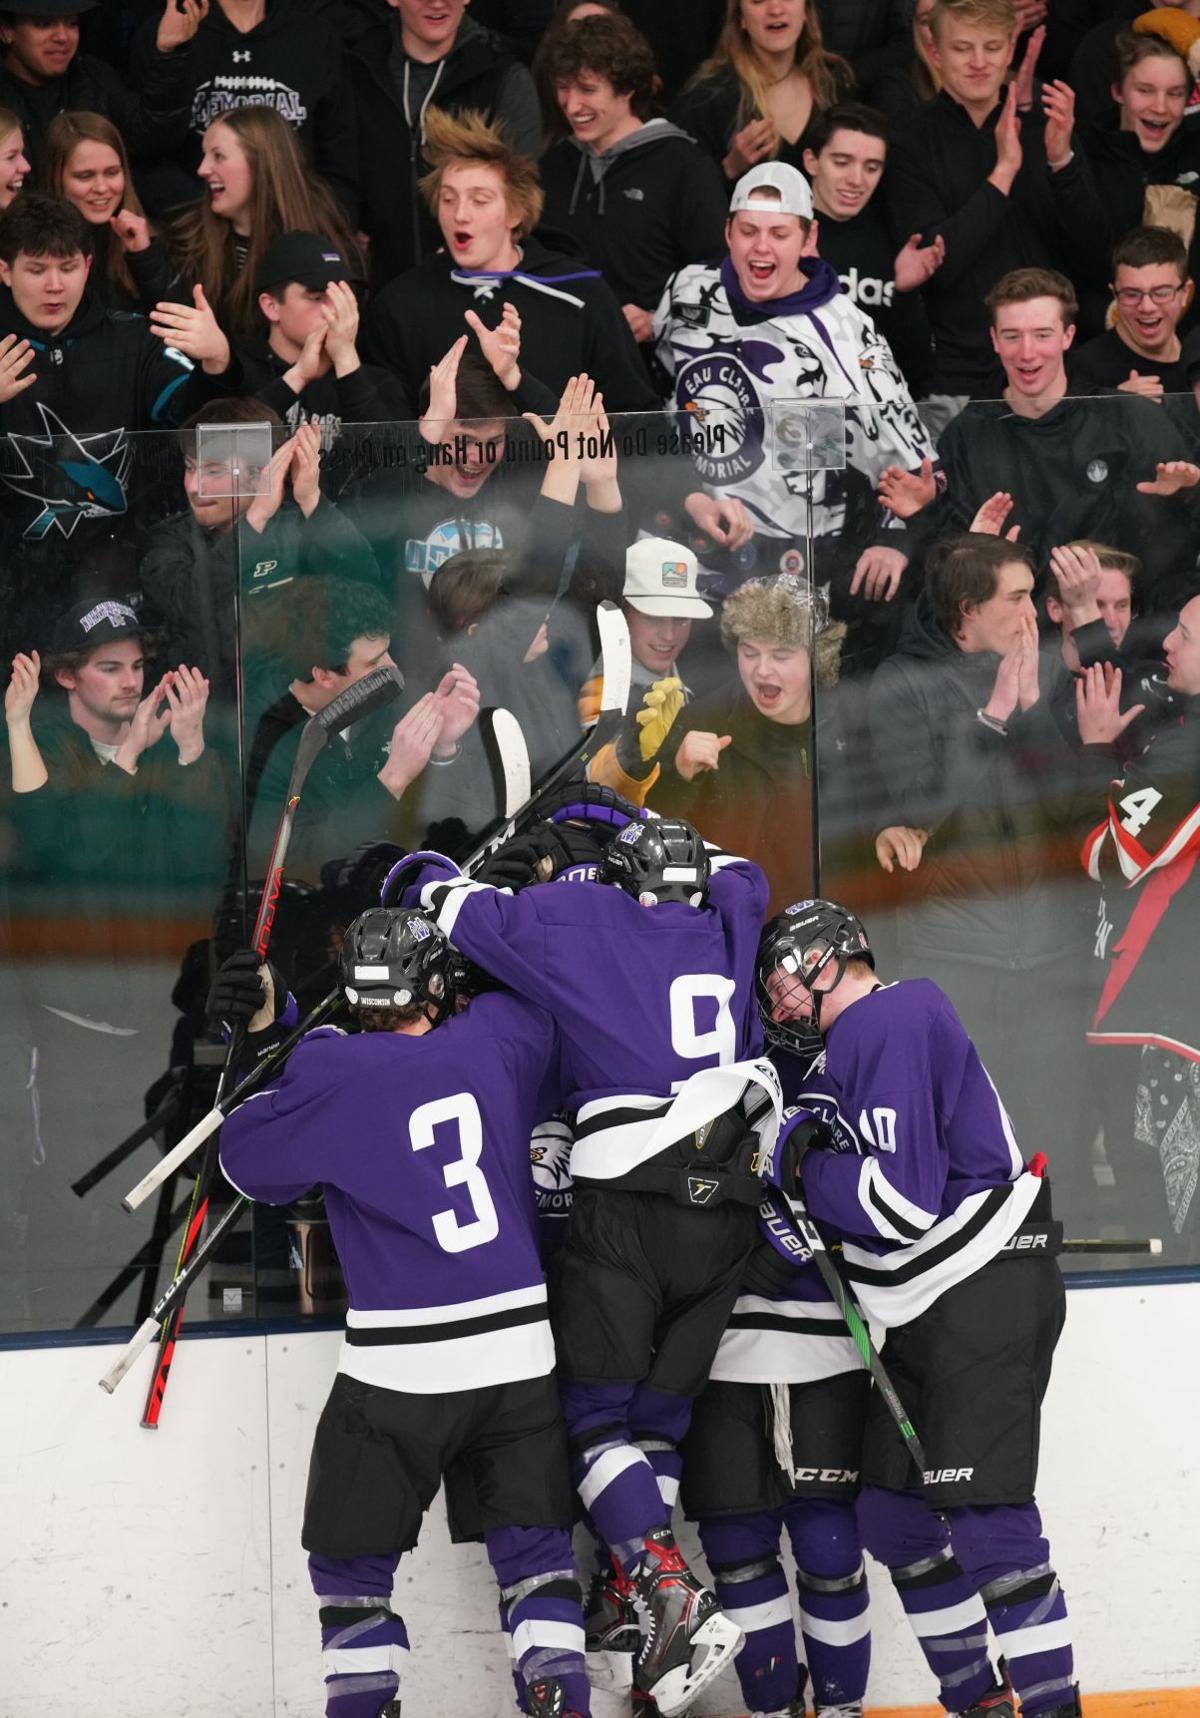 Eau Claire North Memorial hockey